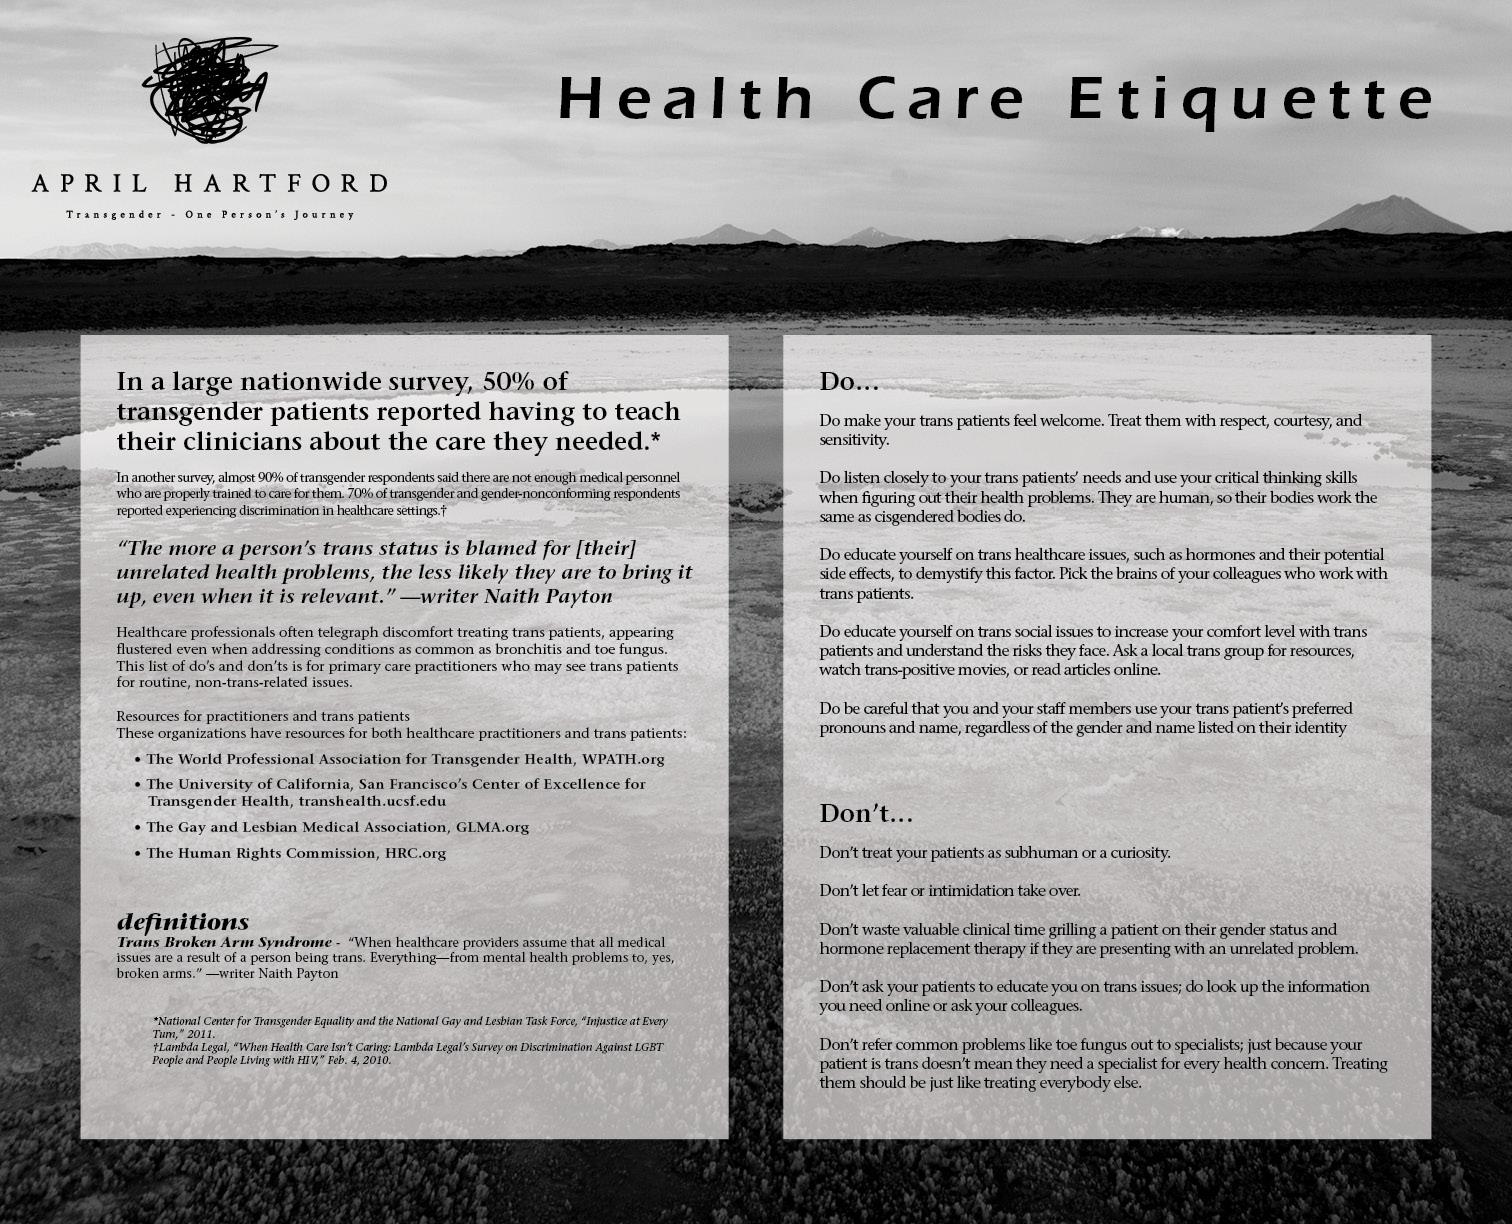 Health Care Etiquette